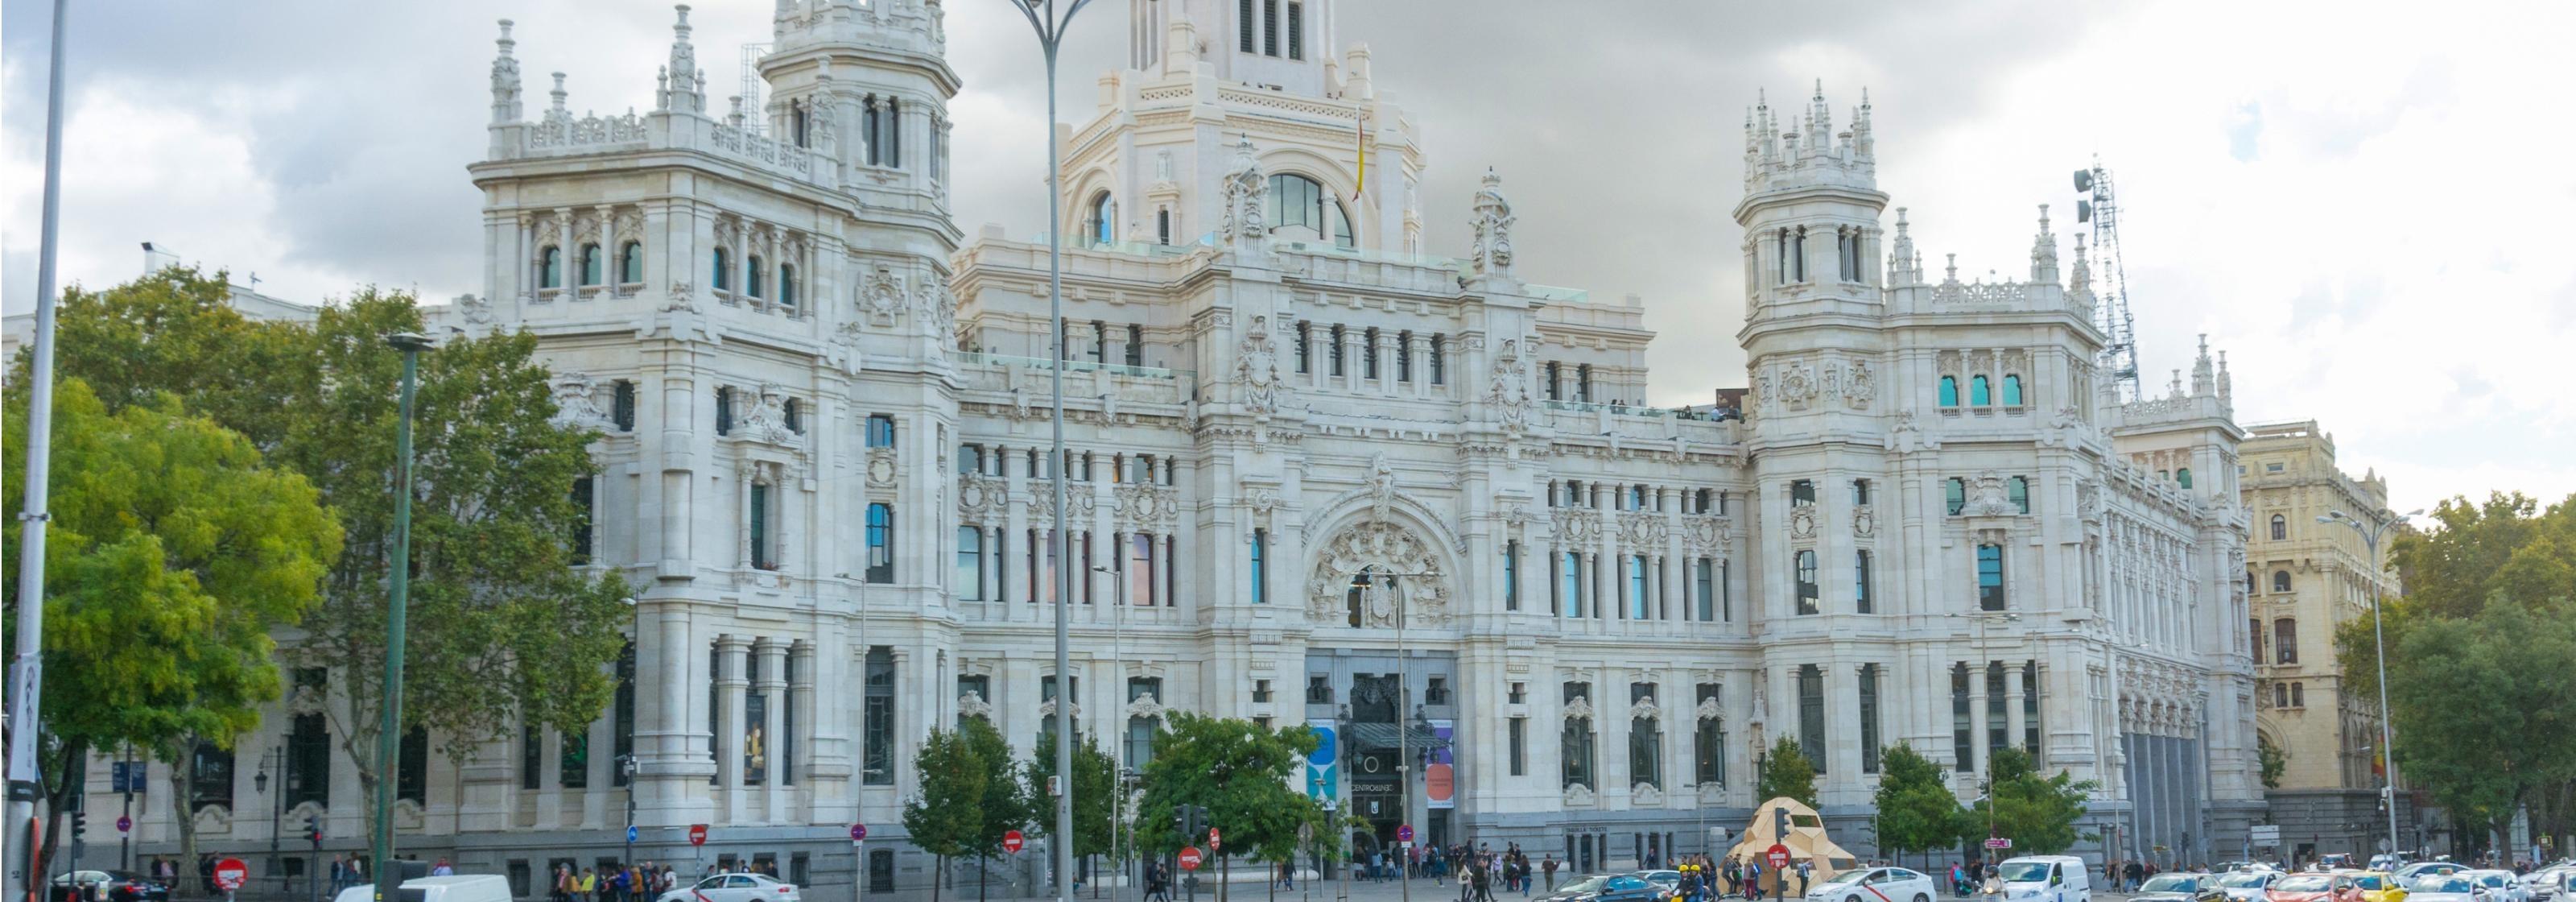 Choses à faire à Madrid